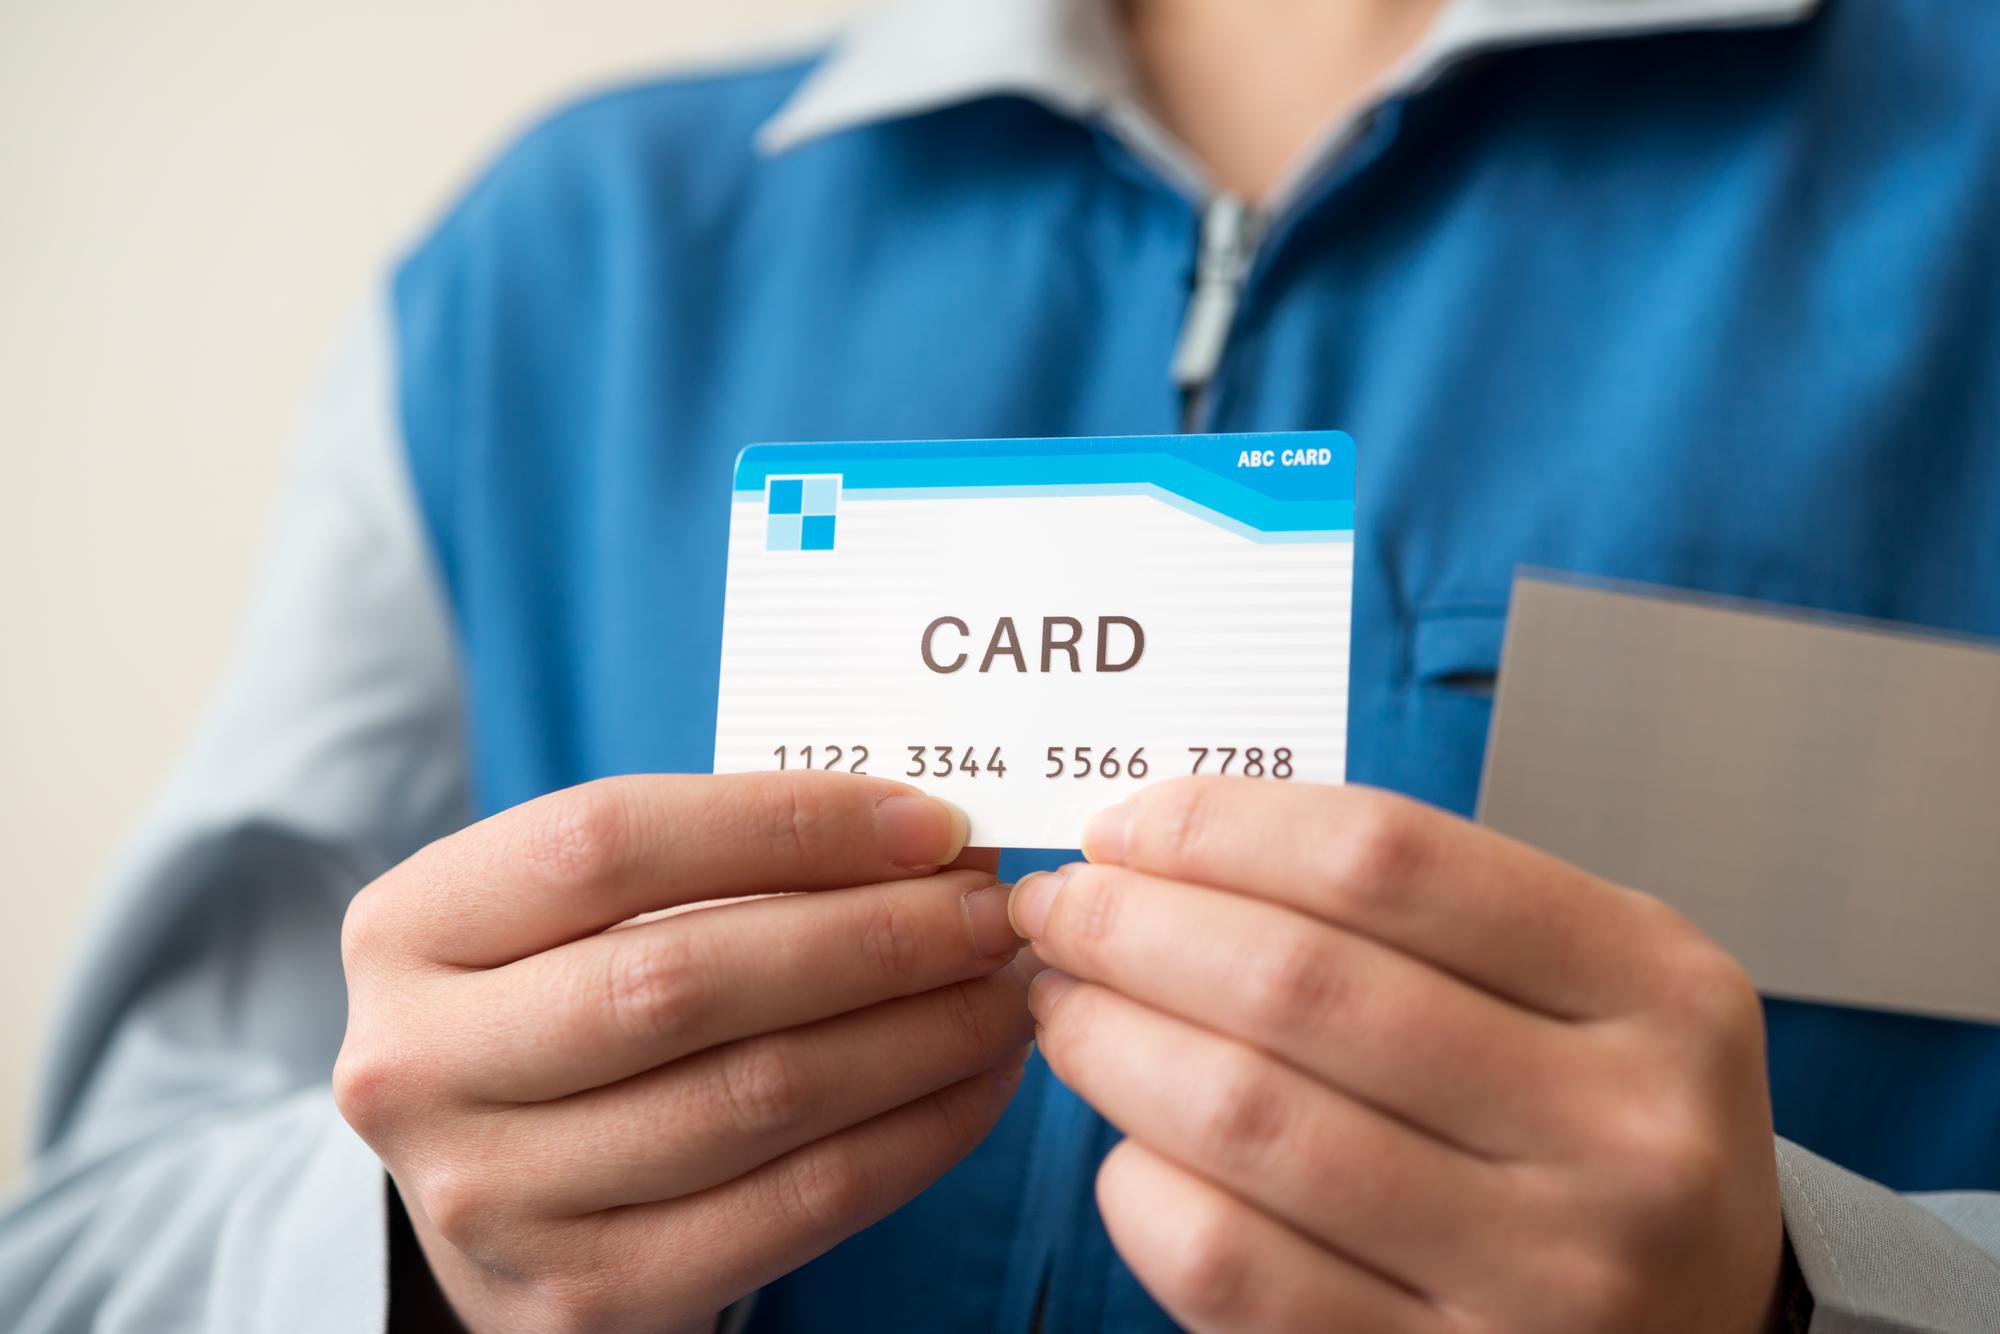 カードローンで即日融資を受けるために知っておきたいポイント